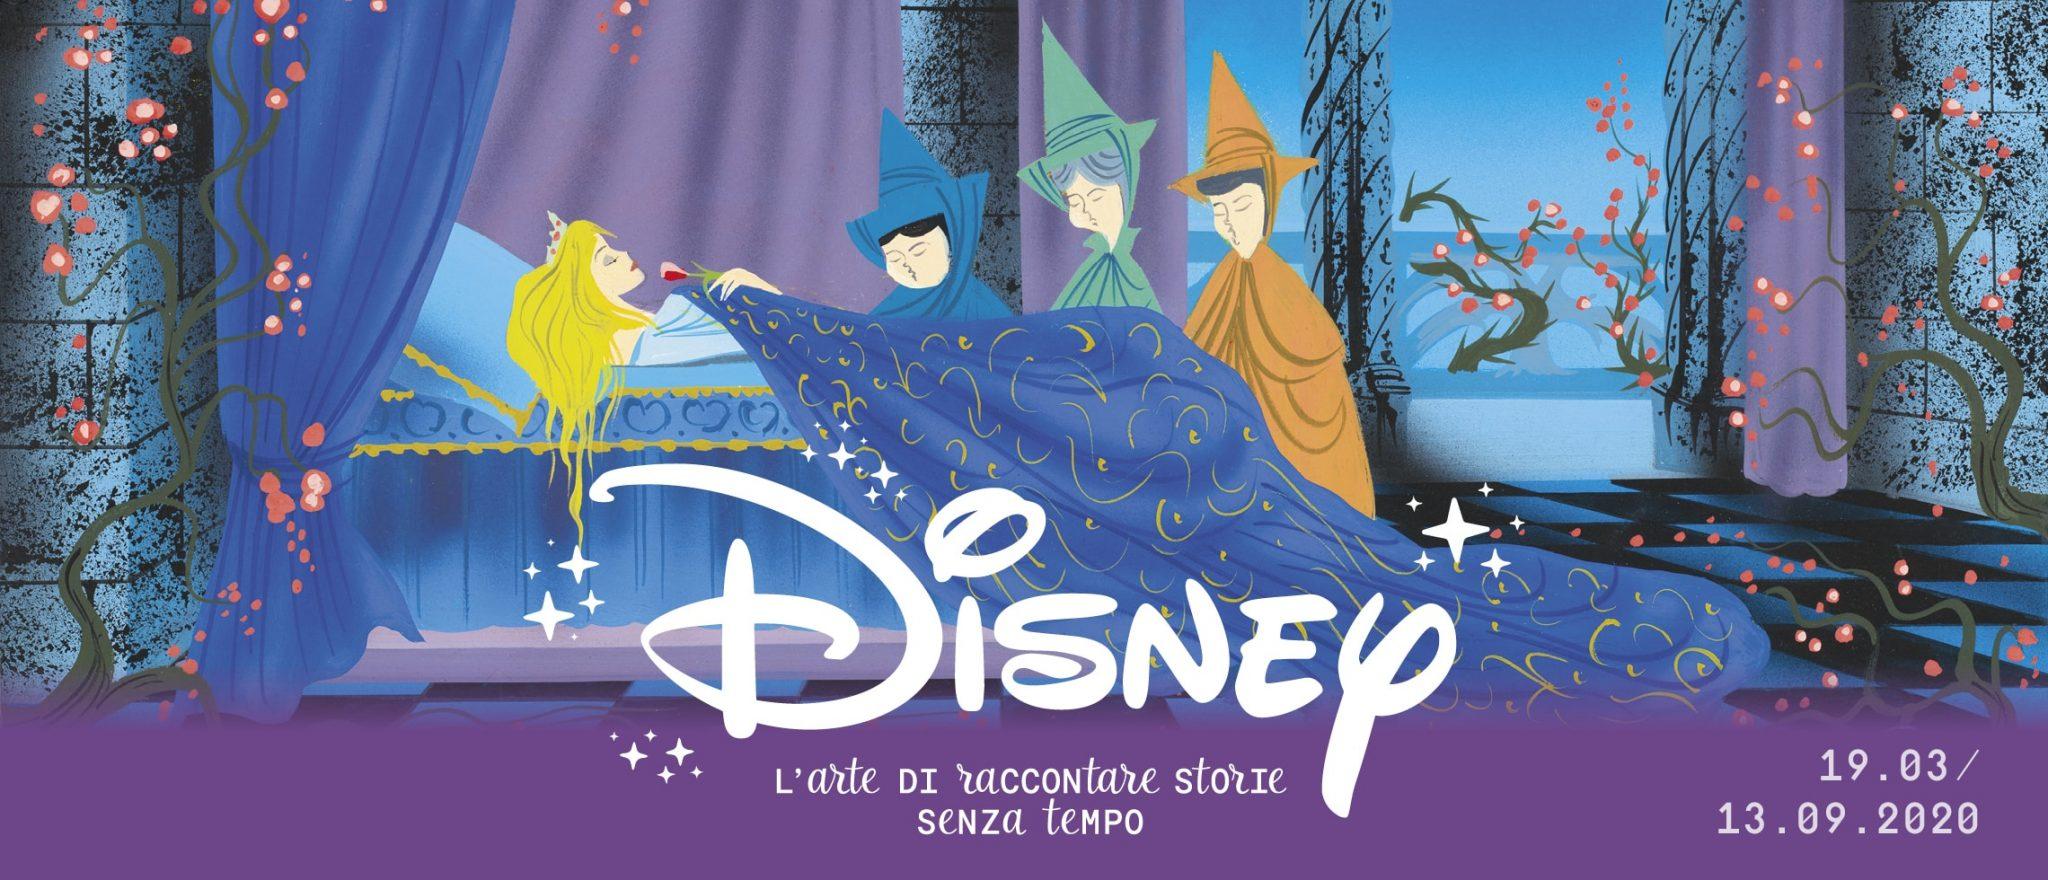 Disney, al Mudec di Milano in arrivo una mostra dedicata! thumbnail